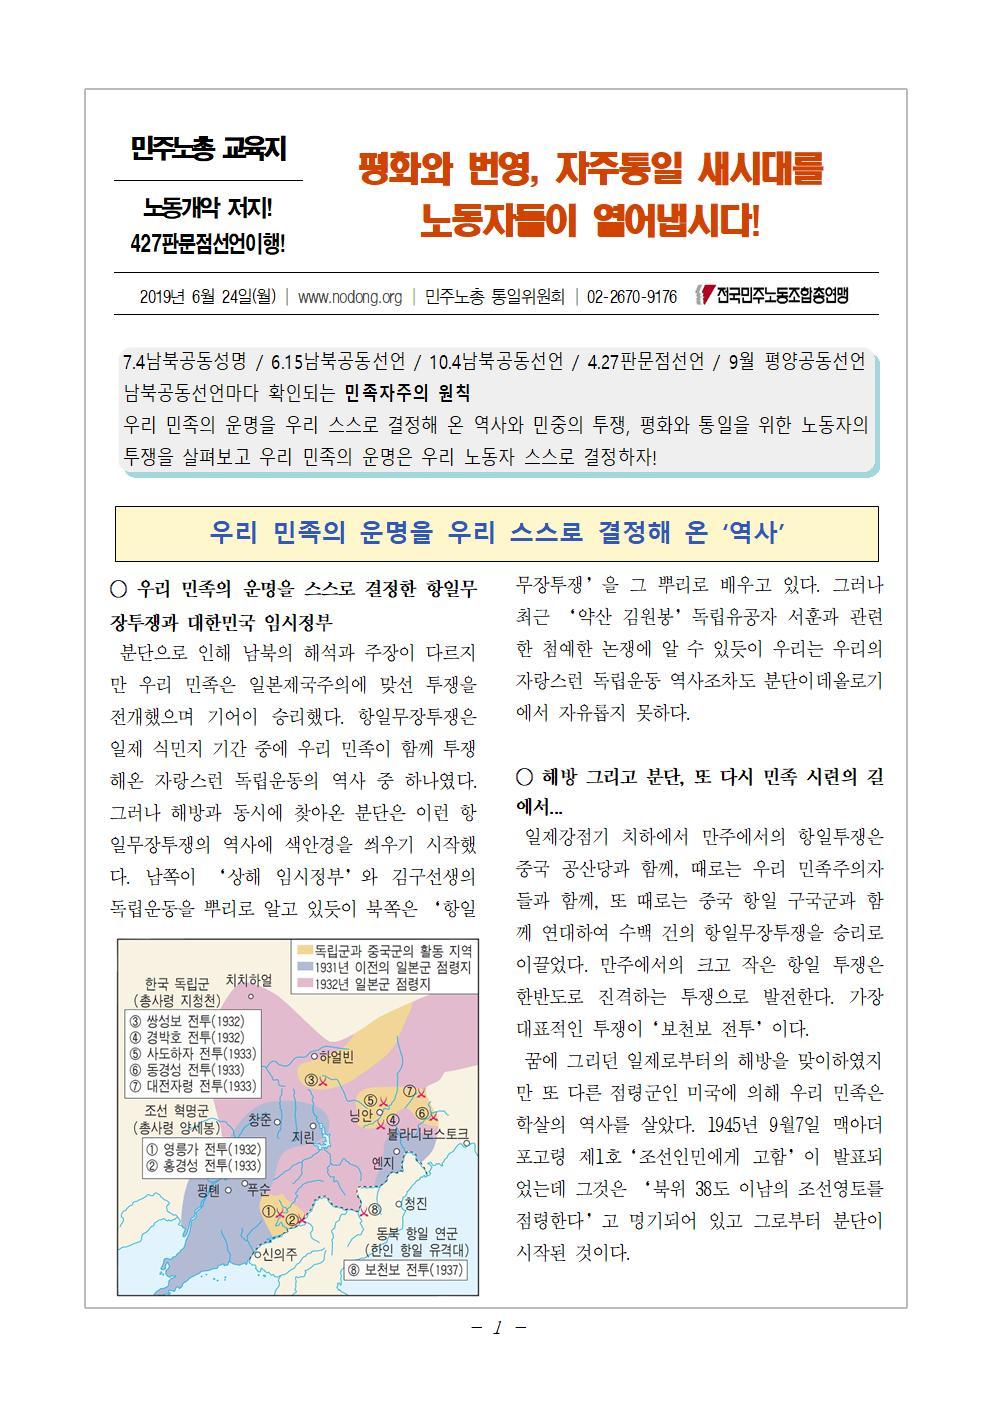 2019_815_남북공동선언(최종)001.jpg